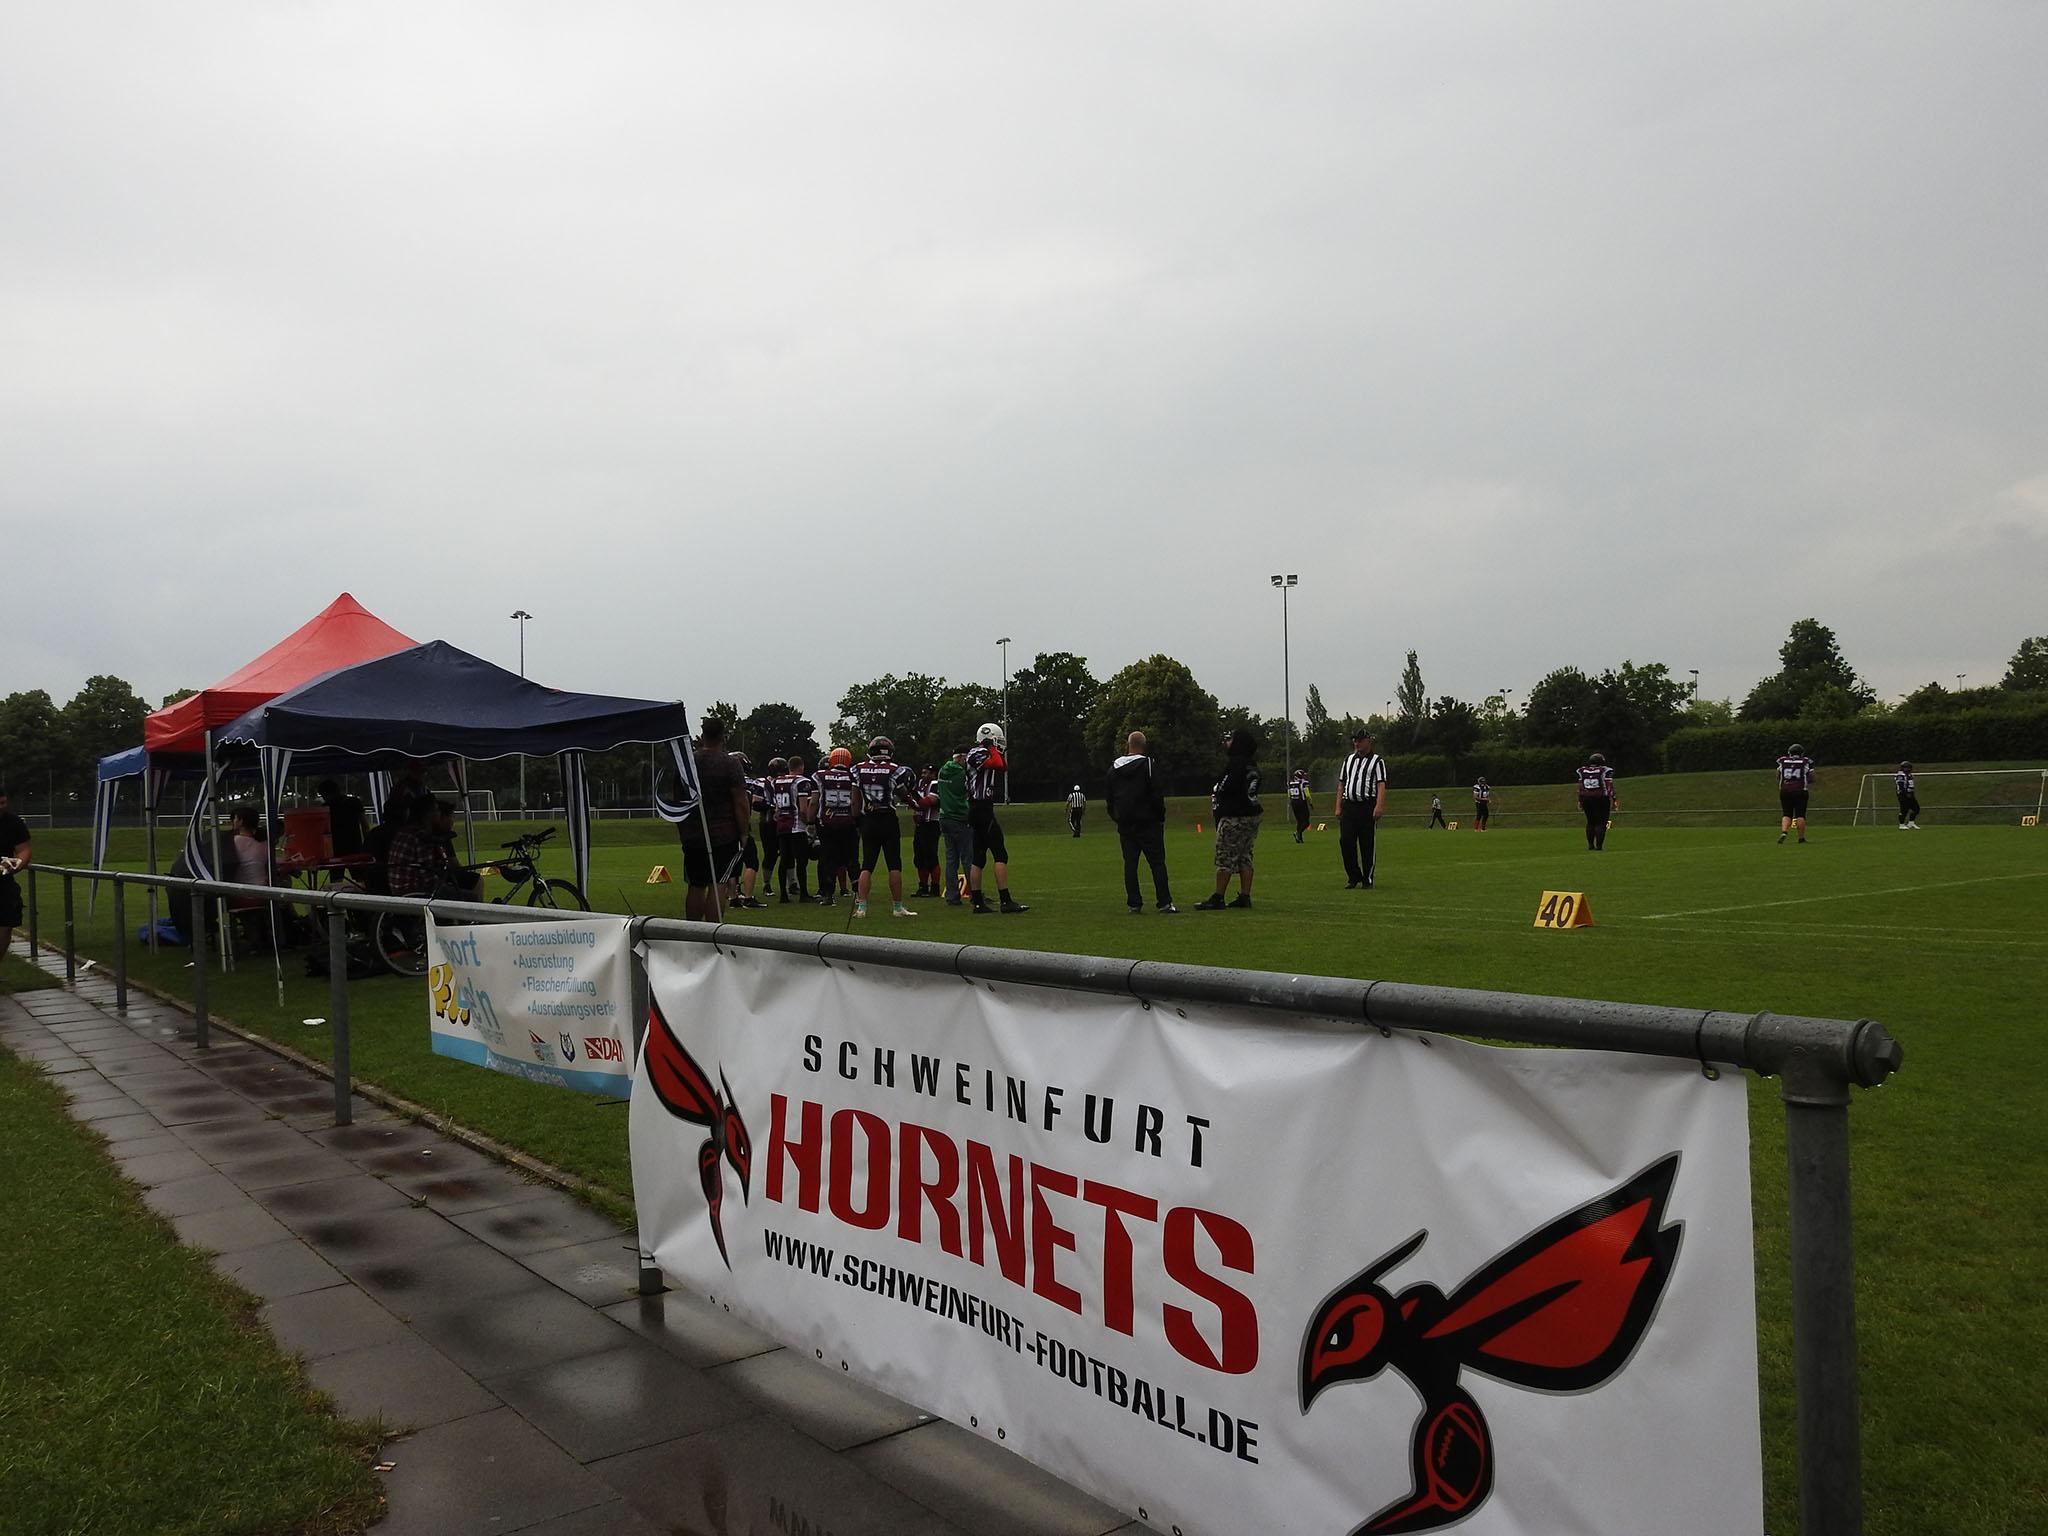 Seit Anfang des Jahres gibt es einen neuen Football Verein in Schweinfurt: die Hornets. Foto: Dirk Flieger.